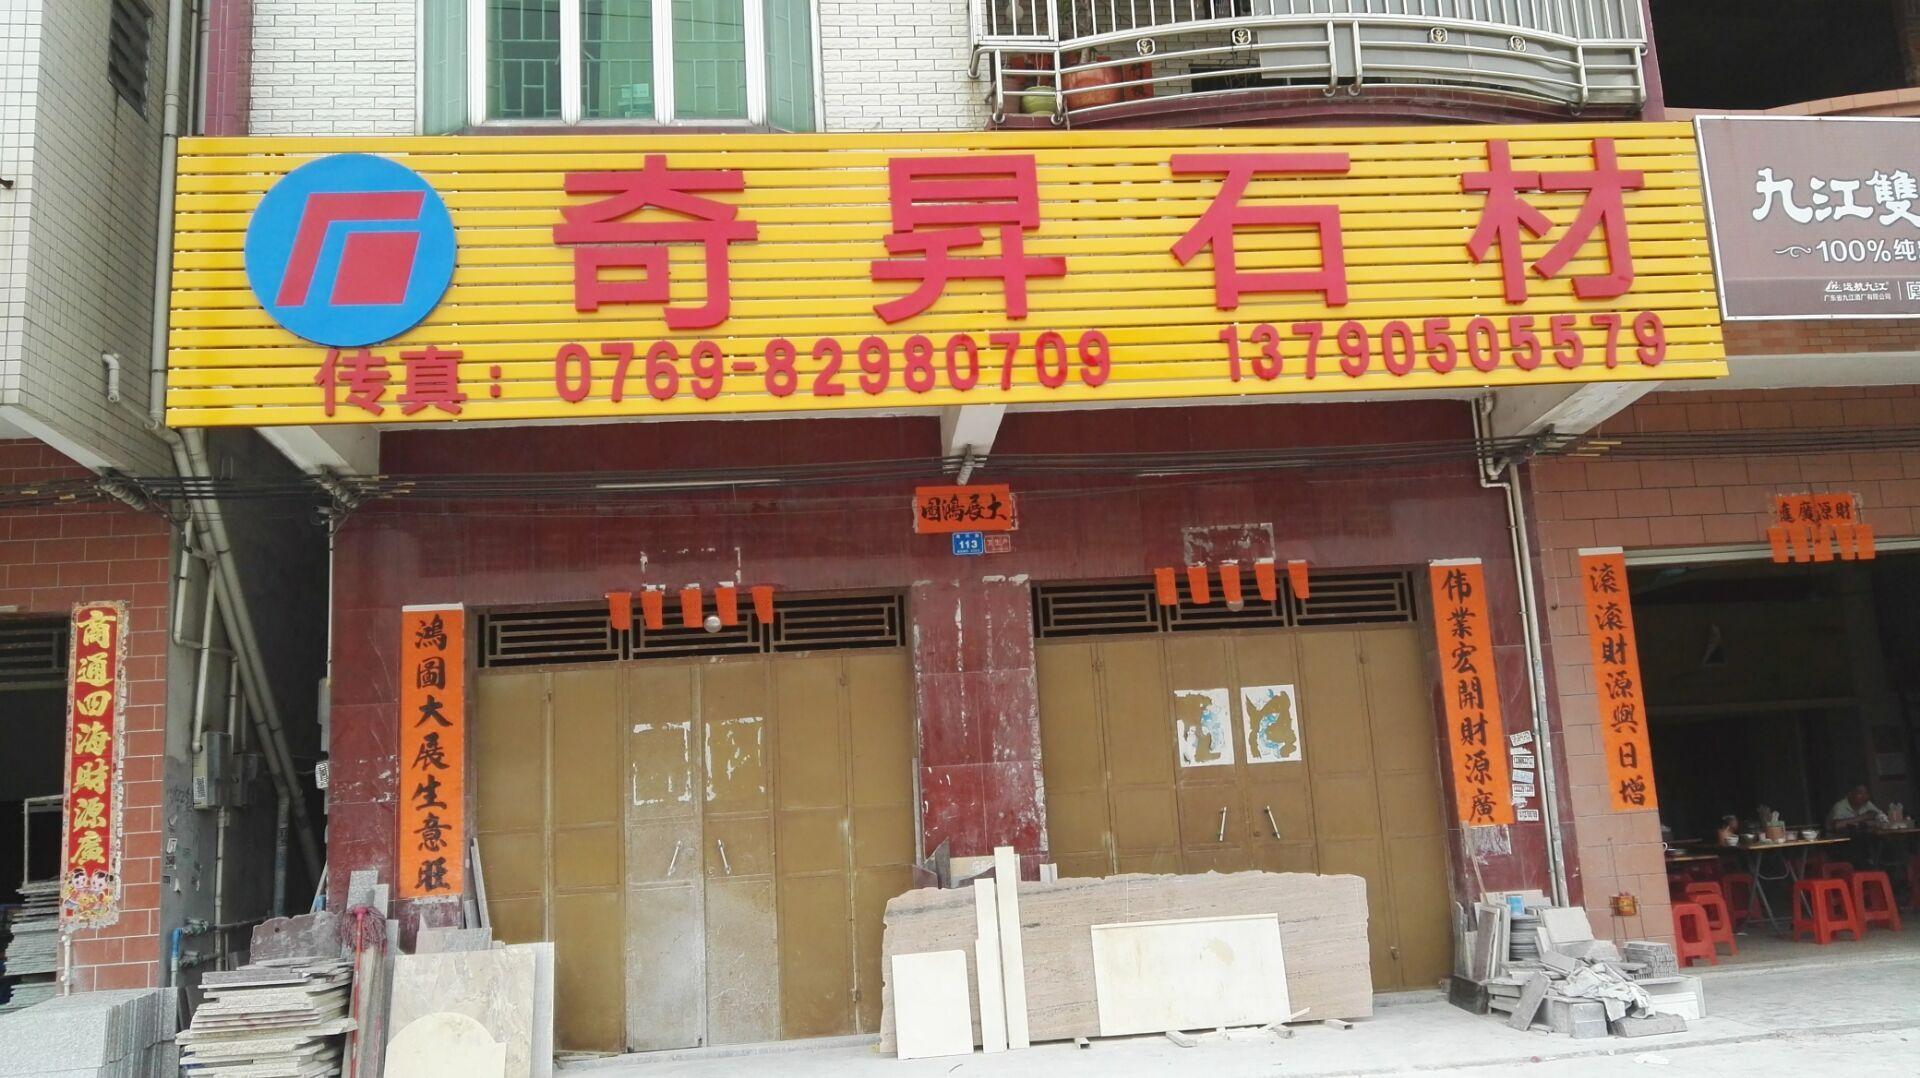 供应用于的东莞广告招牌制作、大型喷绘、亮化工程、发光招牌、广告招牌